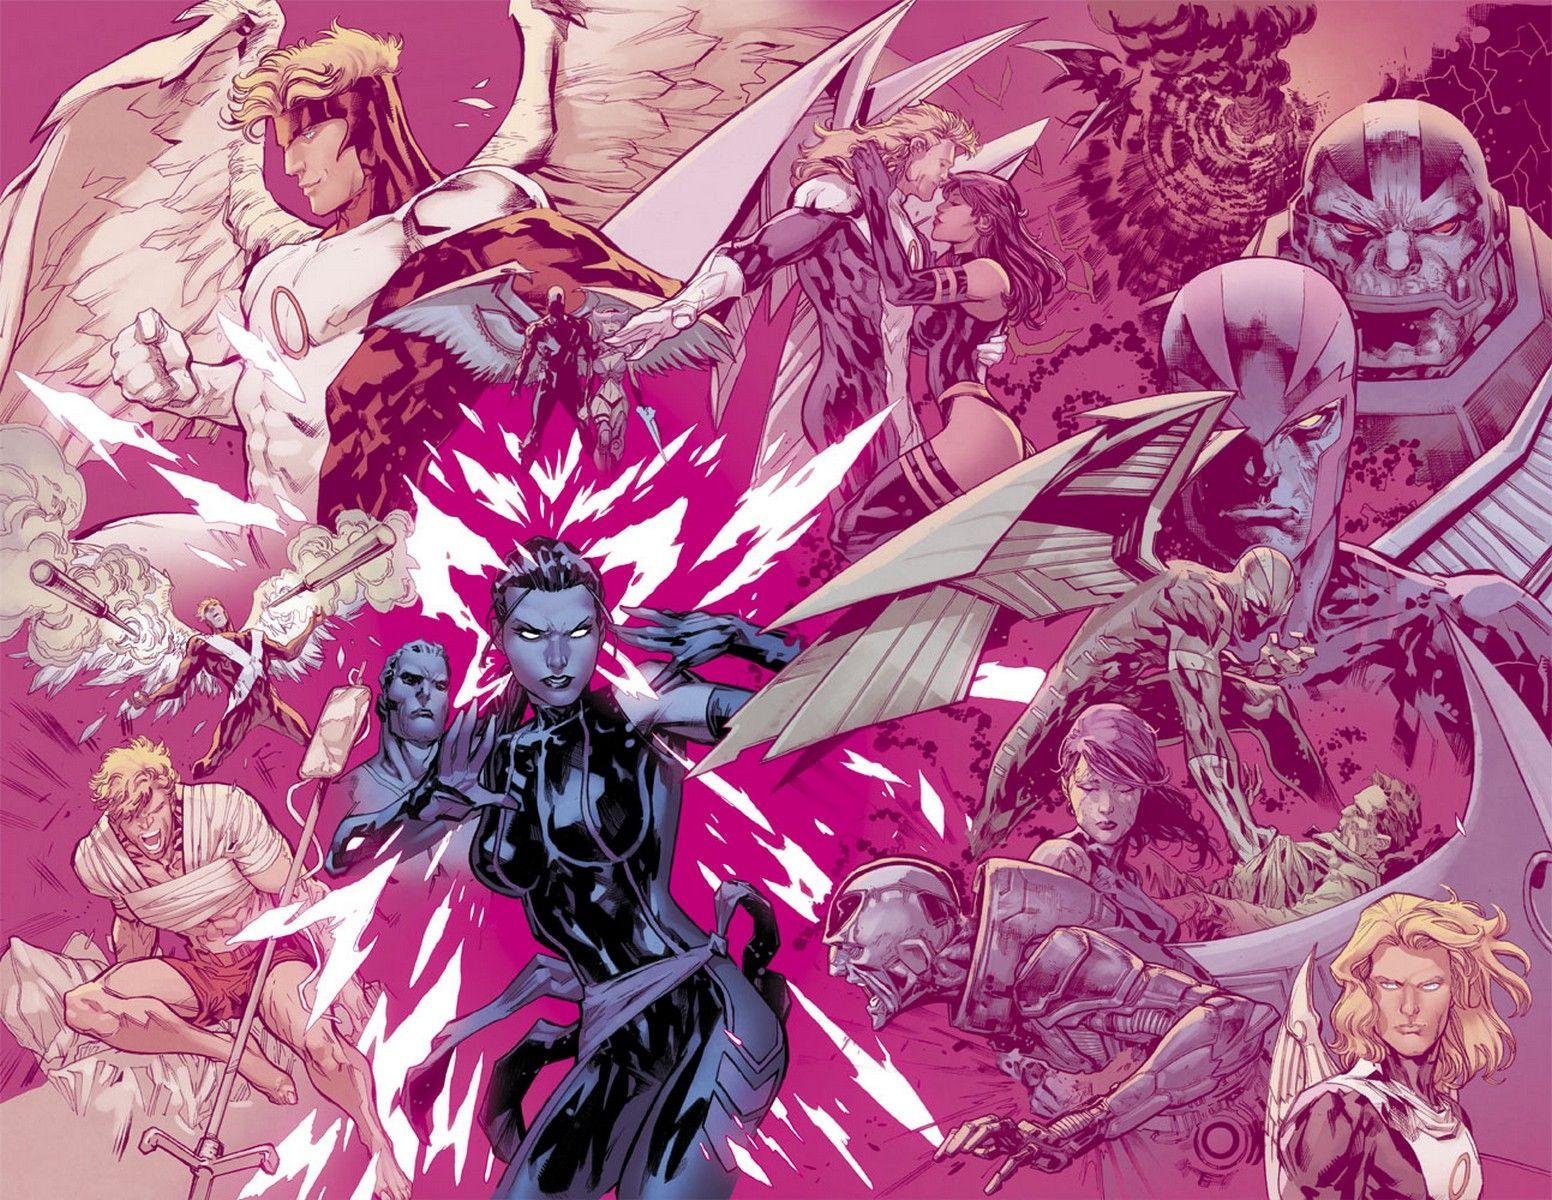 Like A Butterfly Psylocke Archangel Re Connect In Uncanny X Men 6 First Look Psylocke War Art X Men